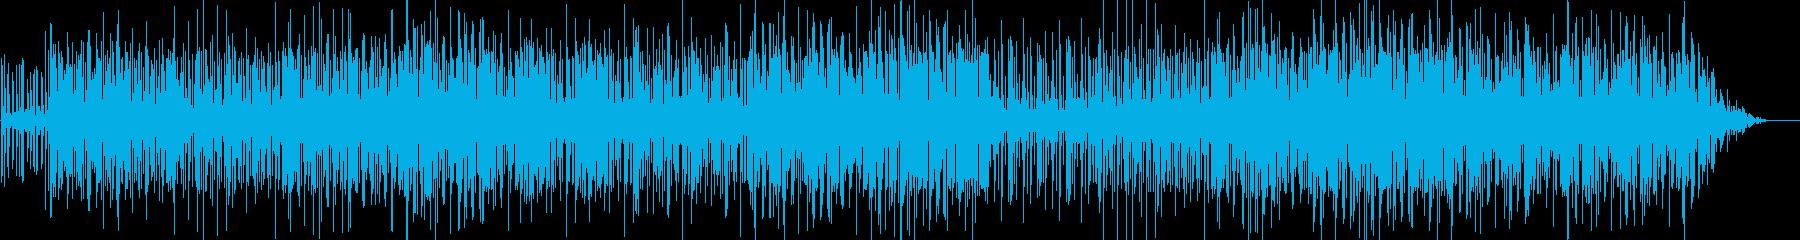 ファンキーな曲の再生済みの波形